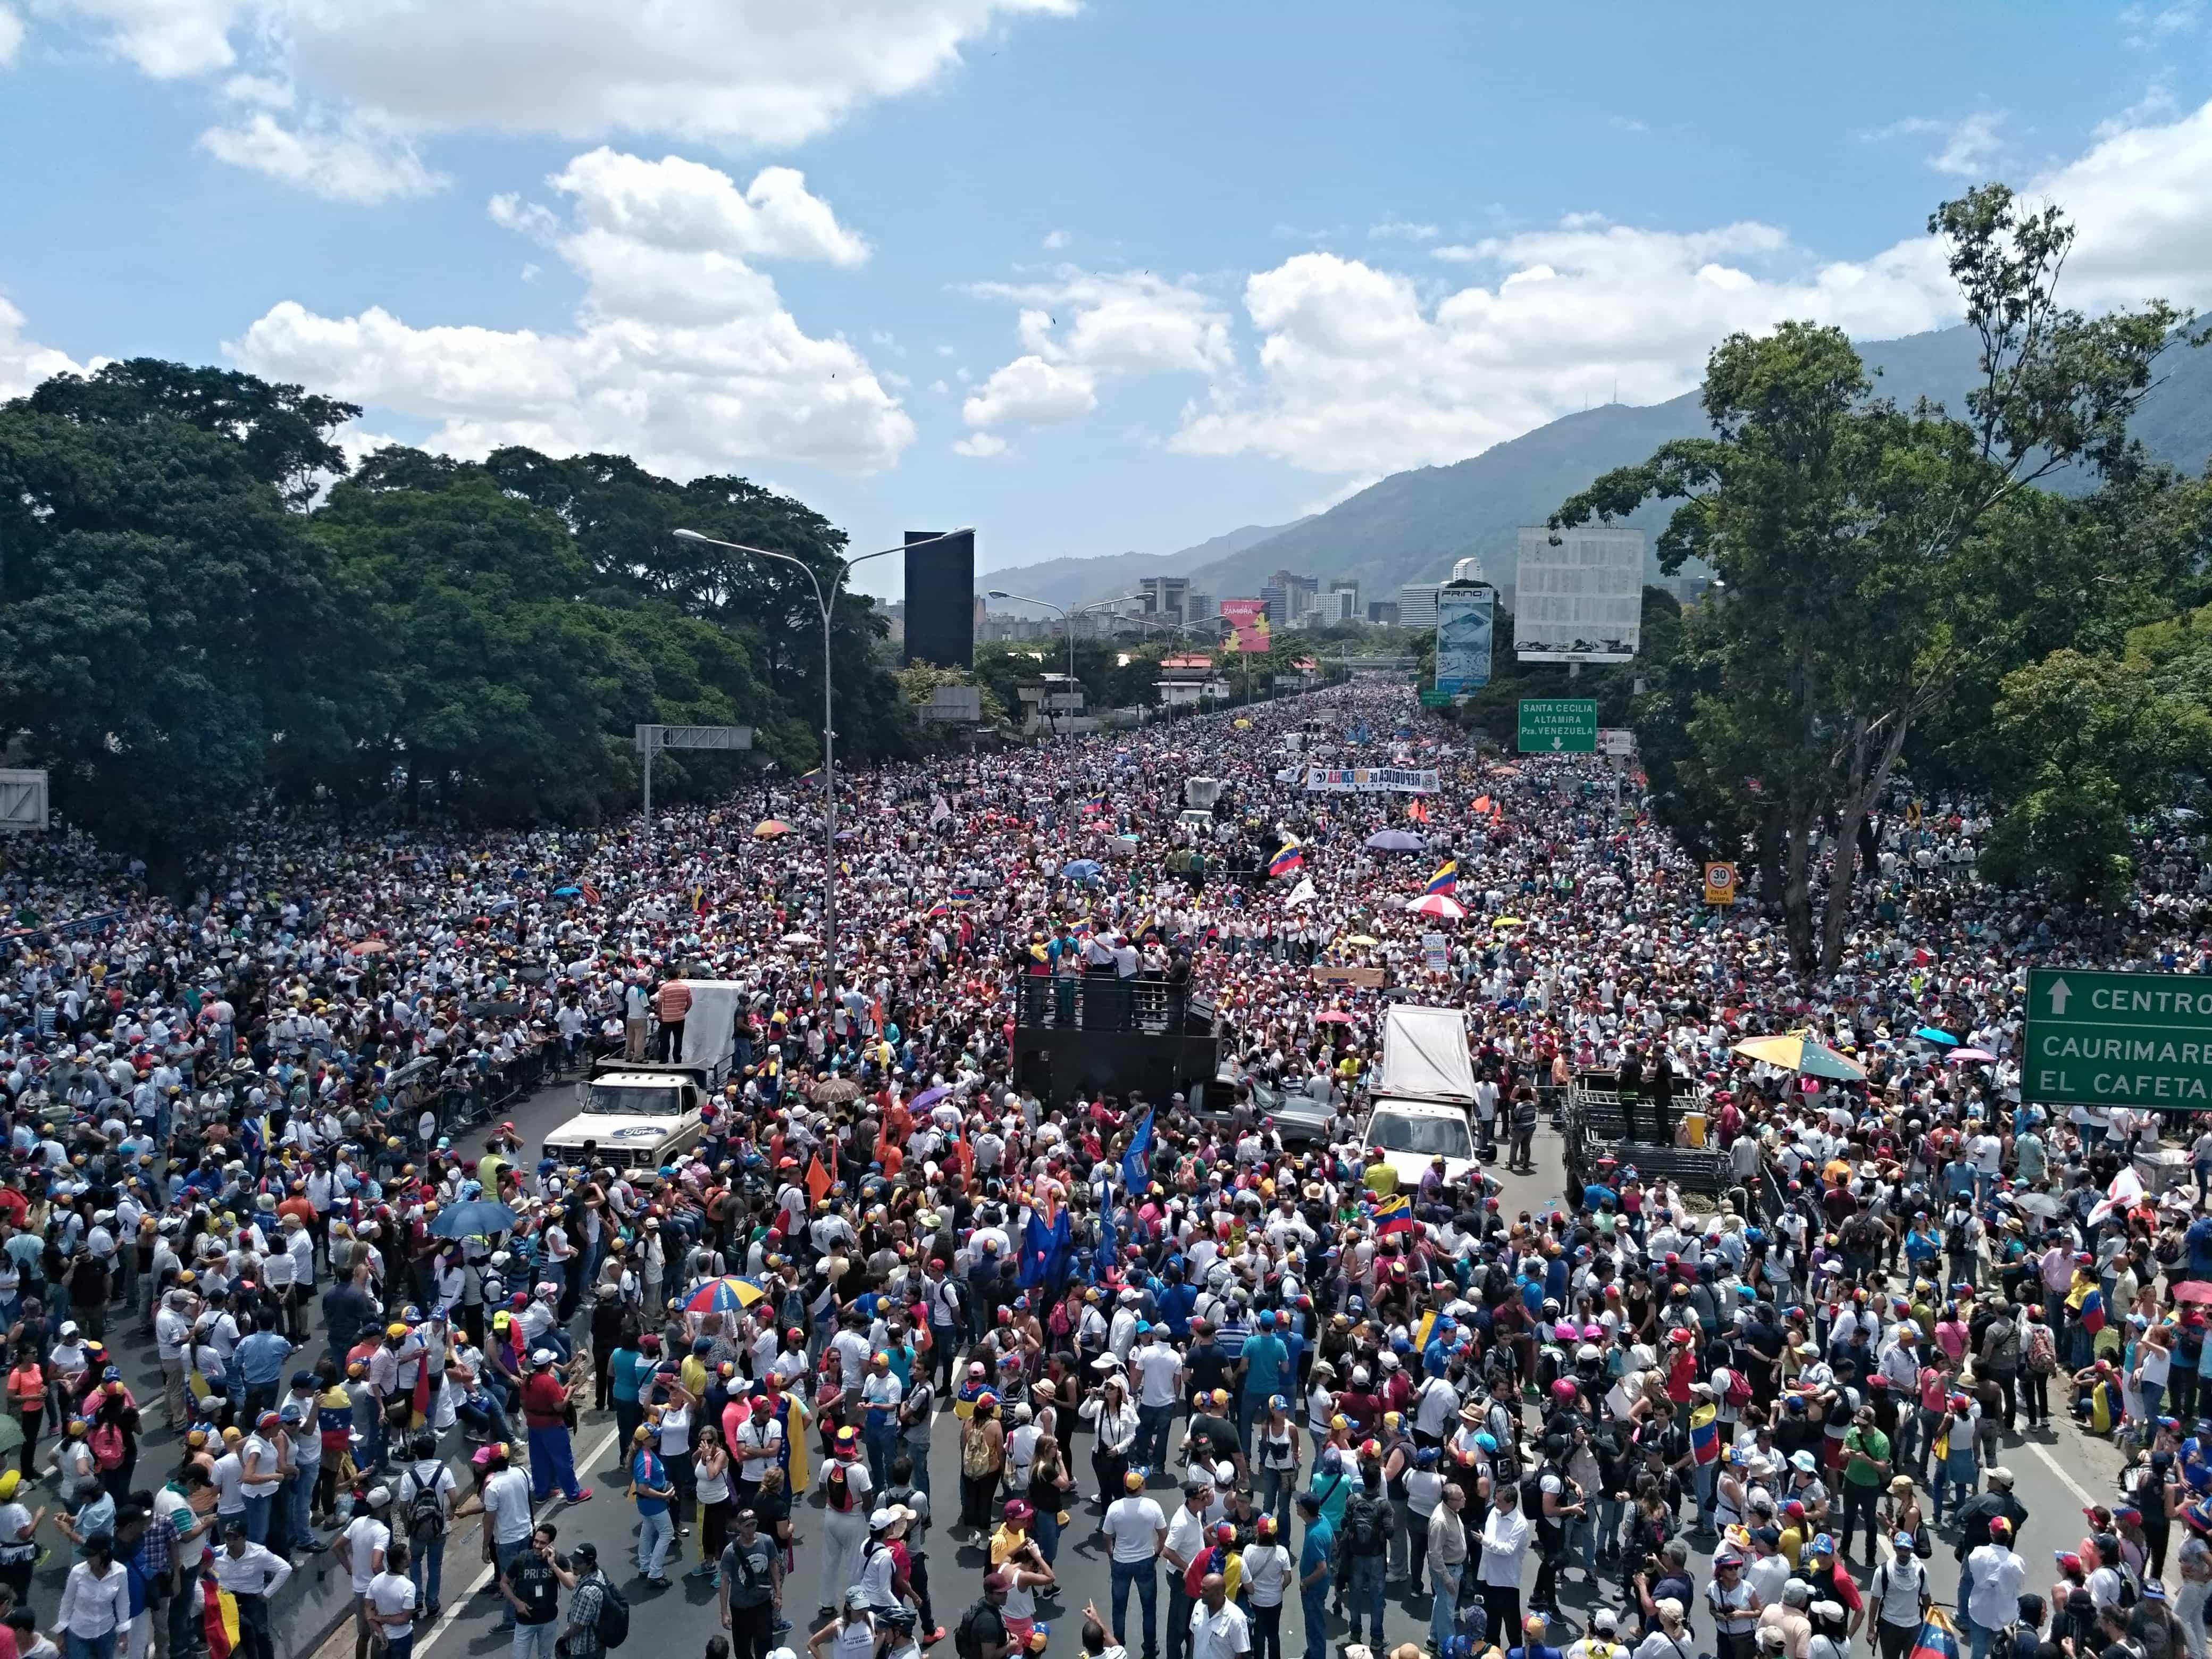 """Marcha """"Somos Millones"""" del pasado 20 de maio a su paso por la Autopista Francisco Fajardo. Foto: Miguel Rueda/Agência Pública."""